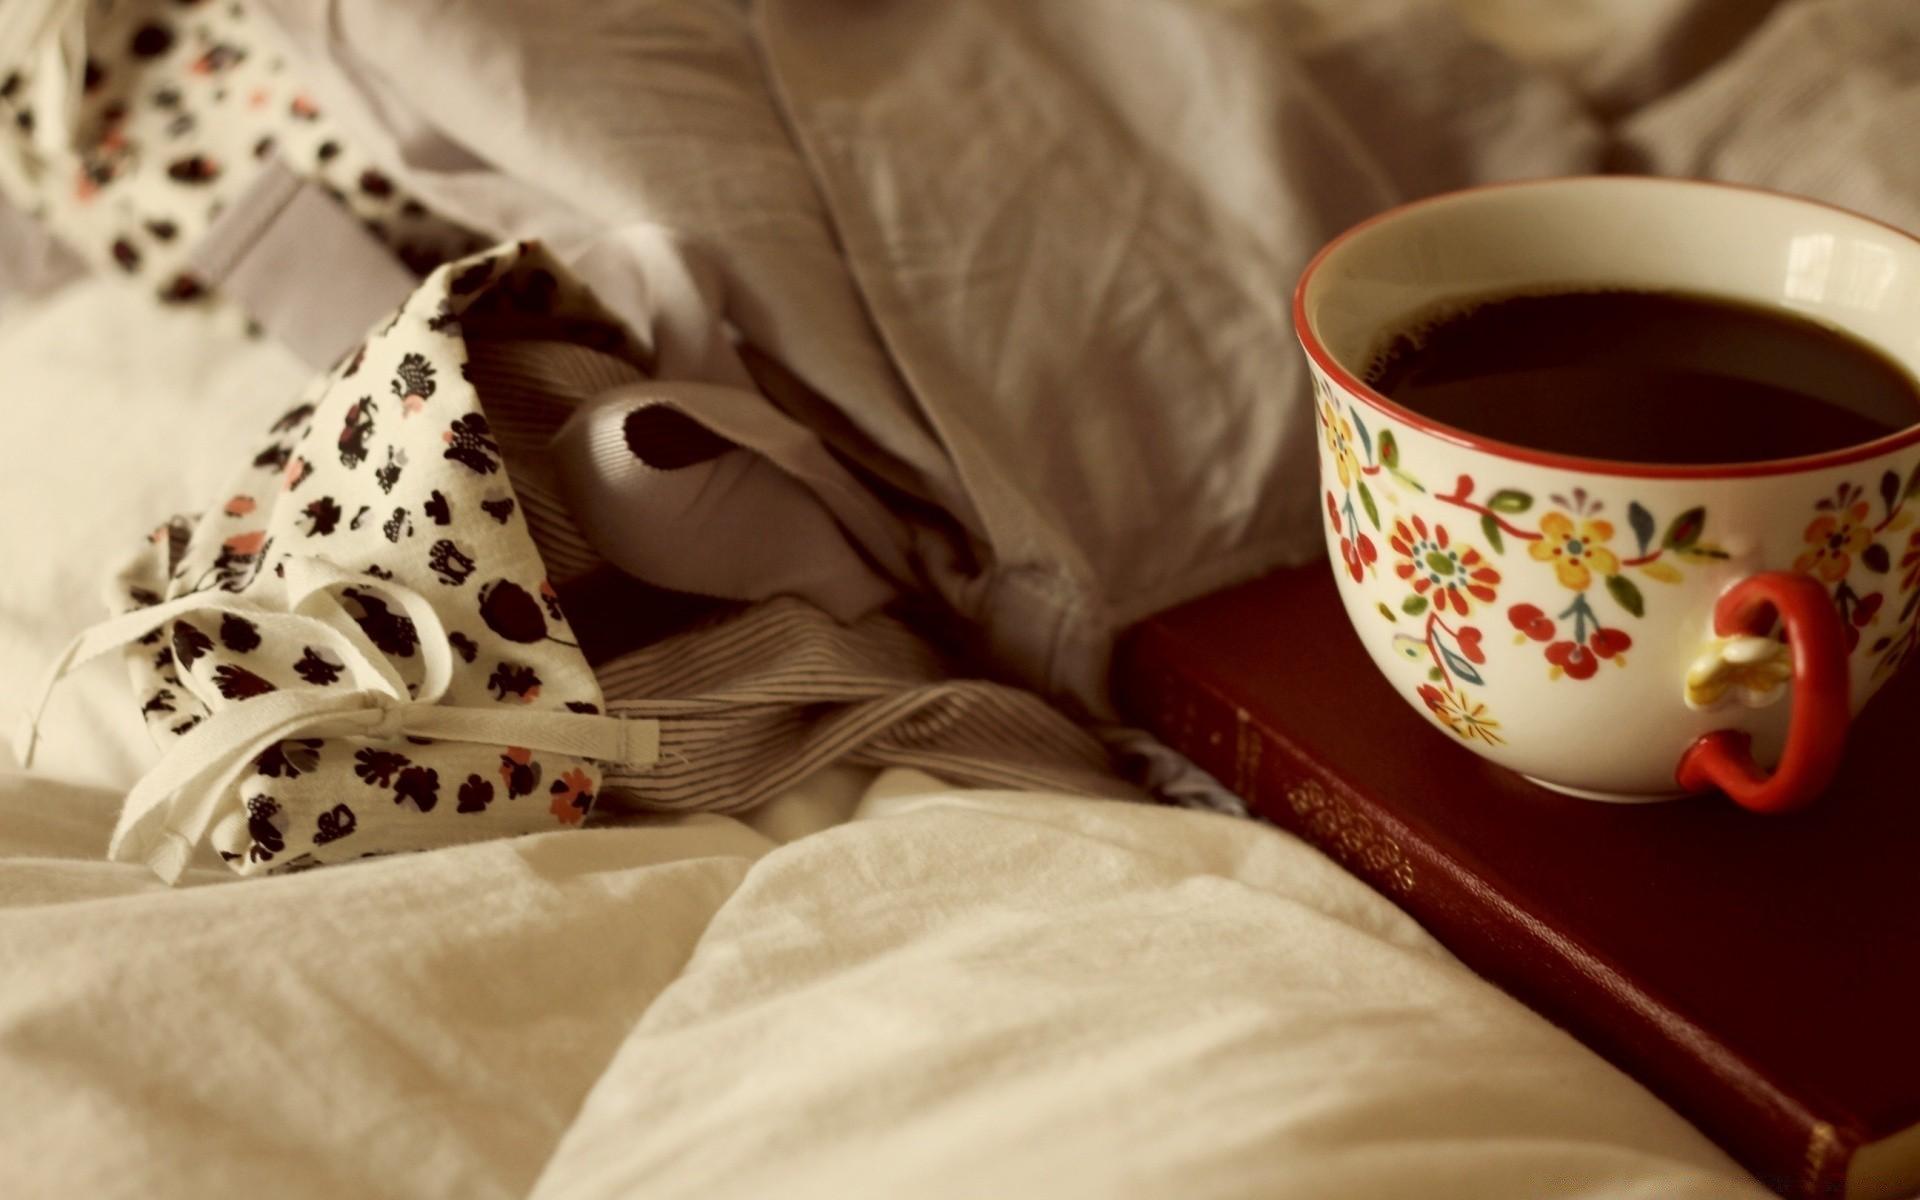 чашка кофе уют фото йога, упражнения